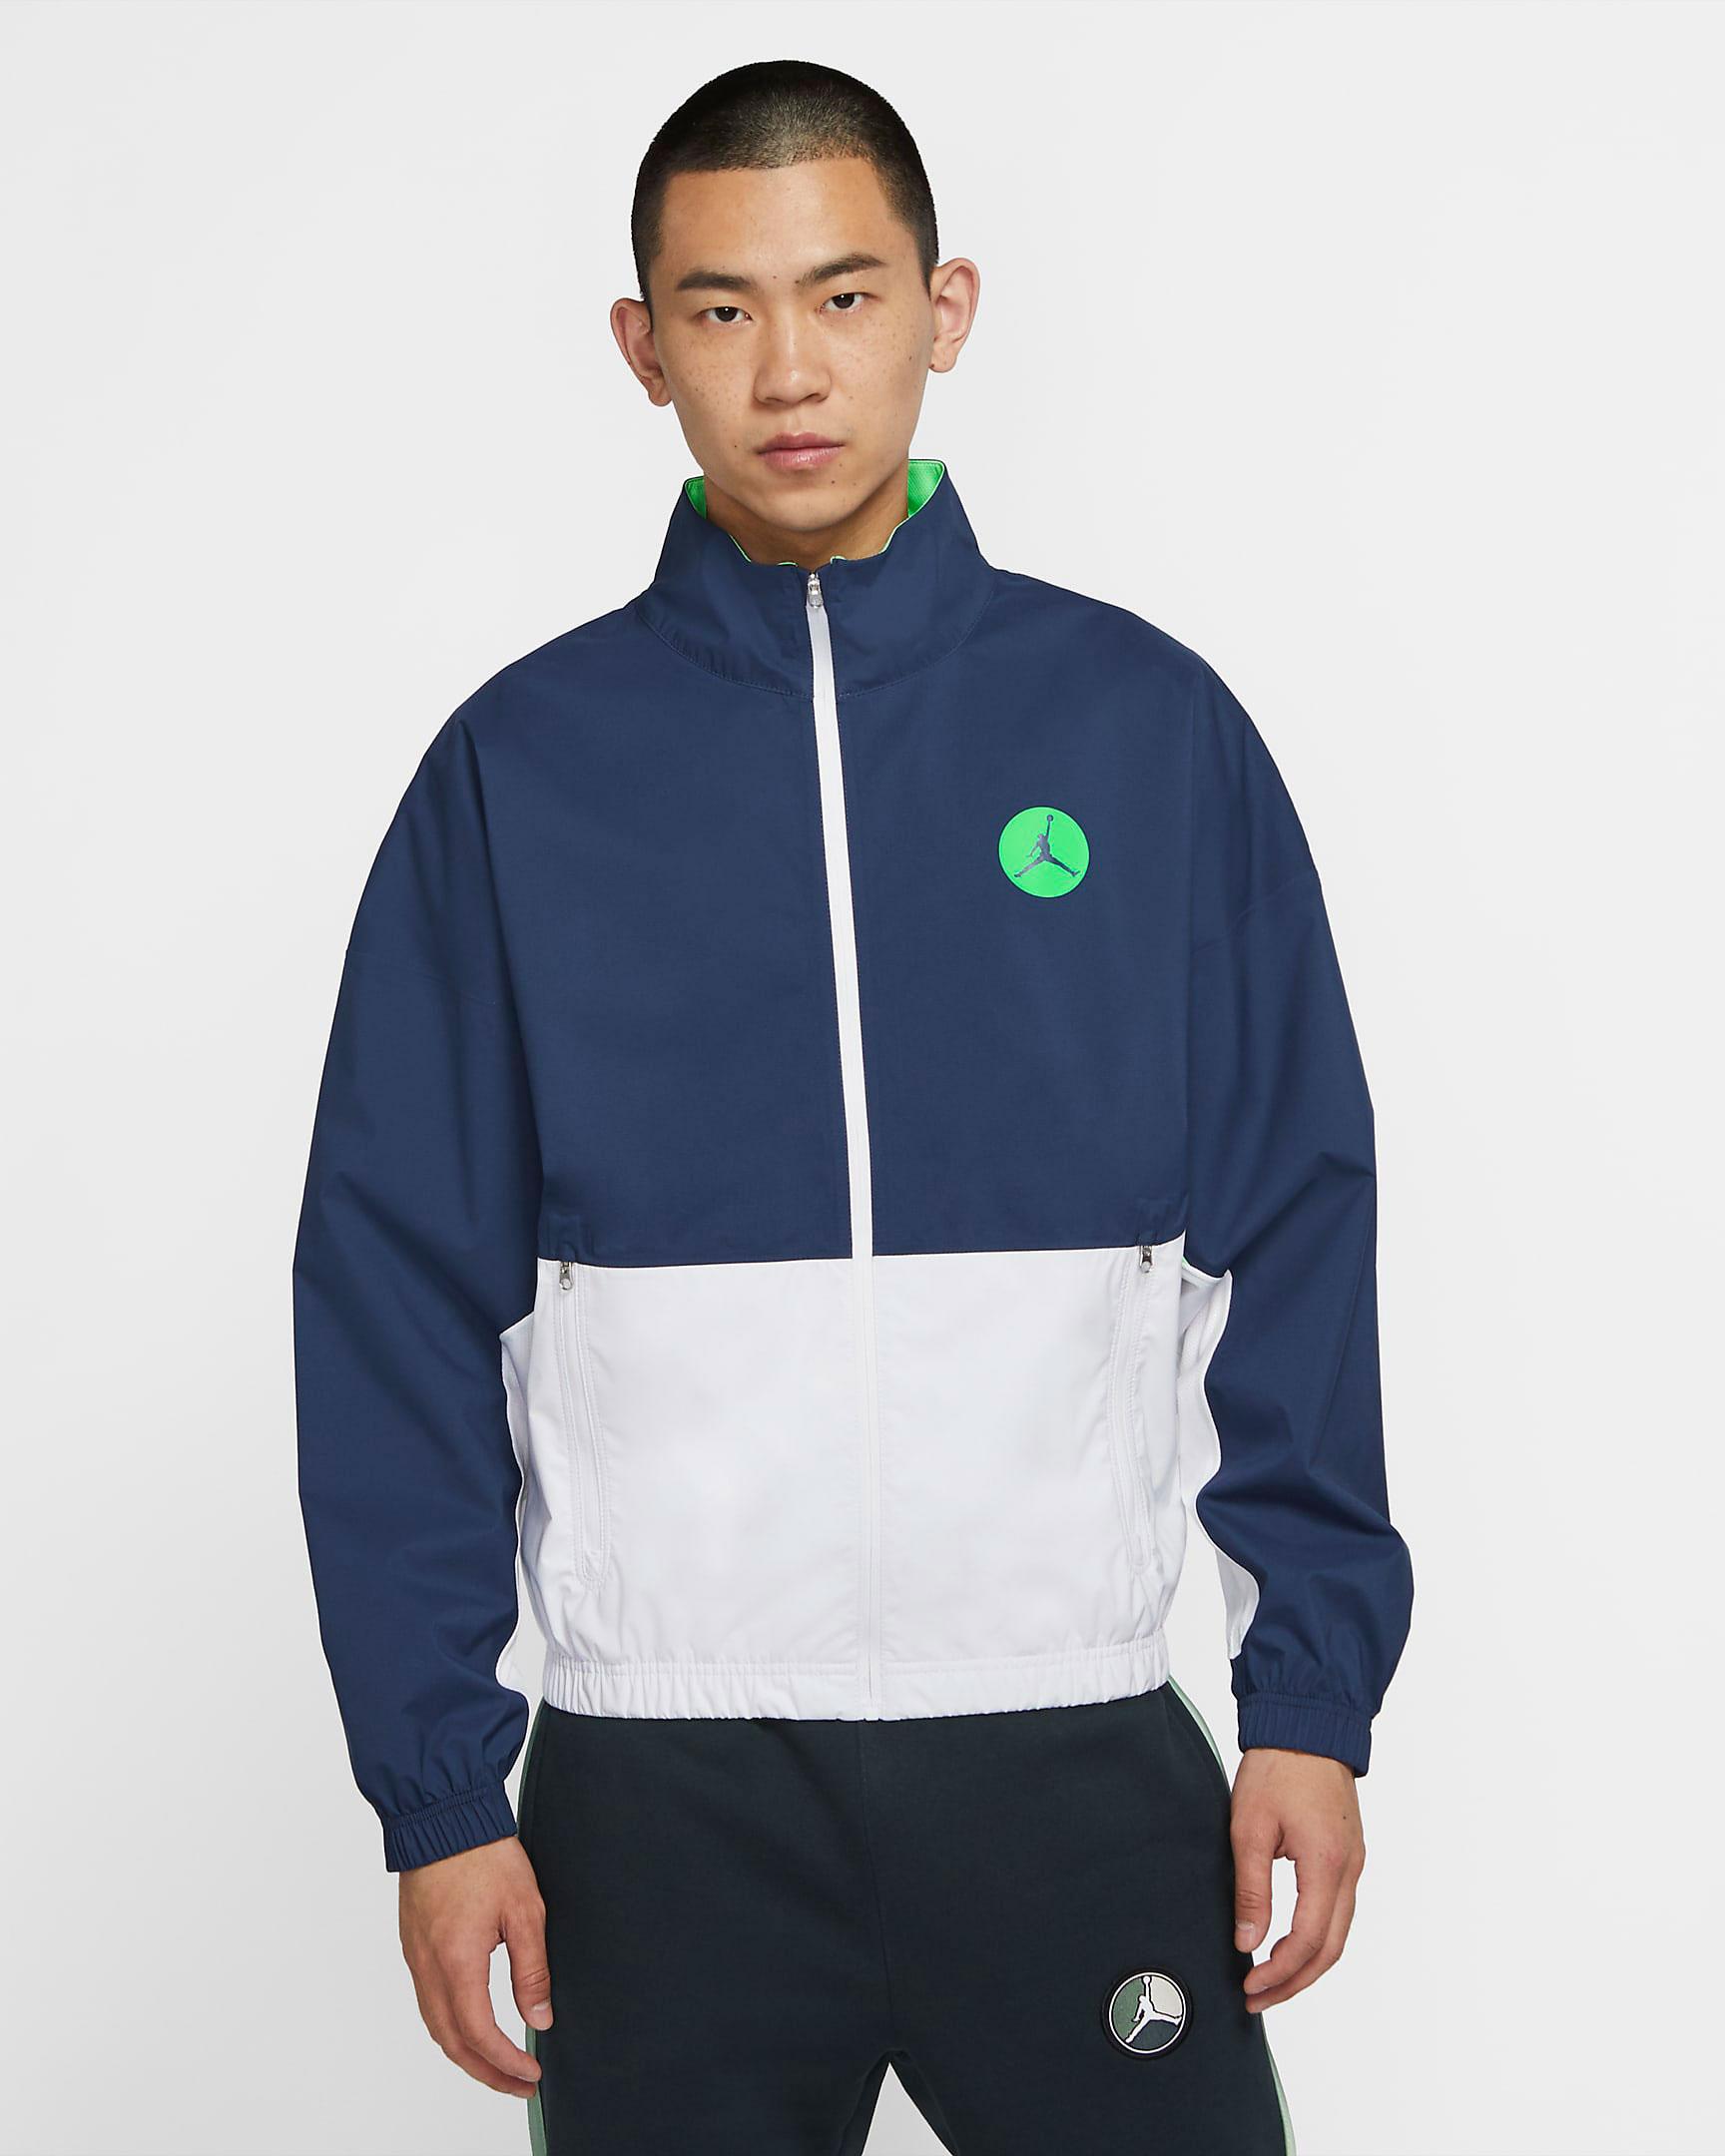 air-jordan-13-flint-jacket-1